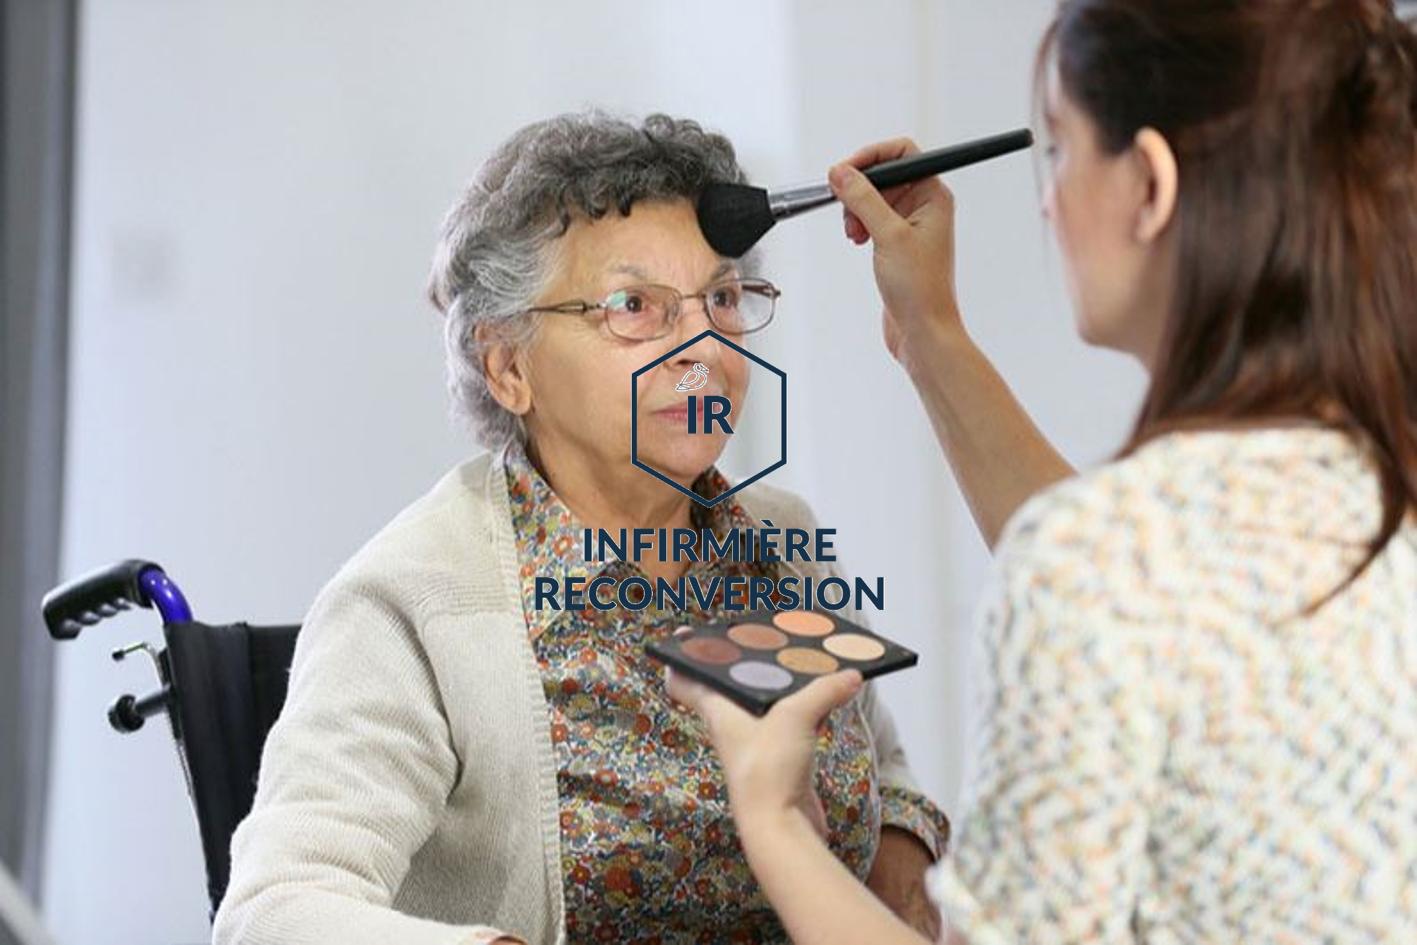 Reconversion : D'infirmière à socio-esthéticienne